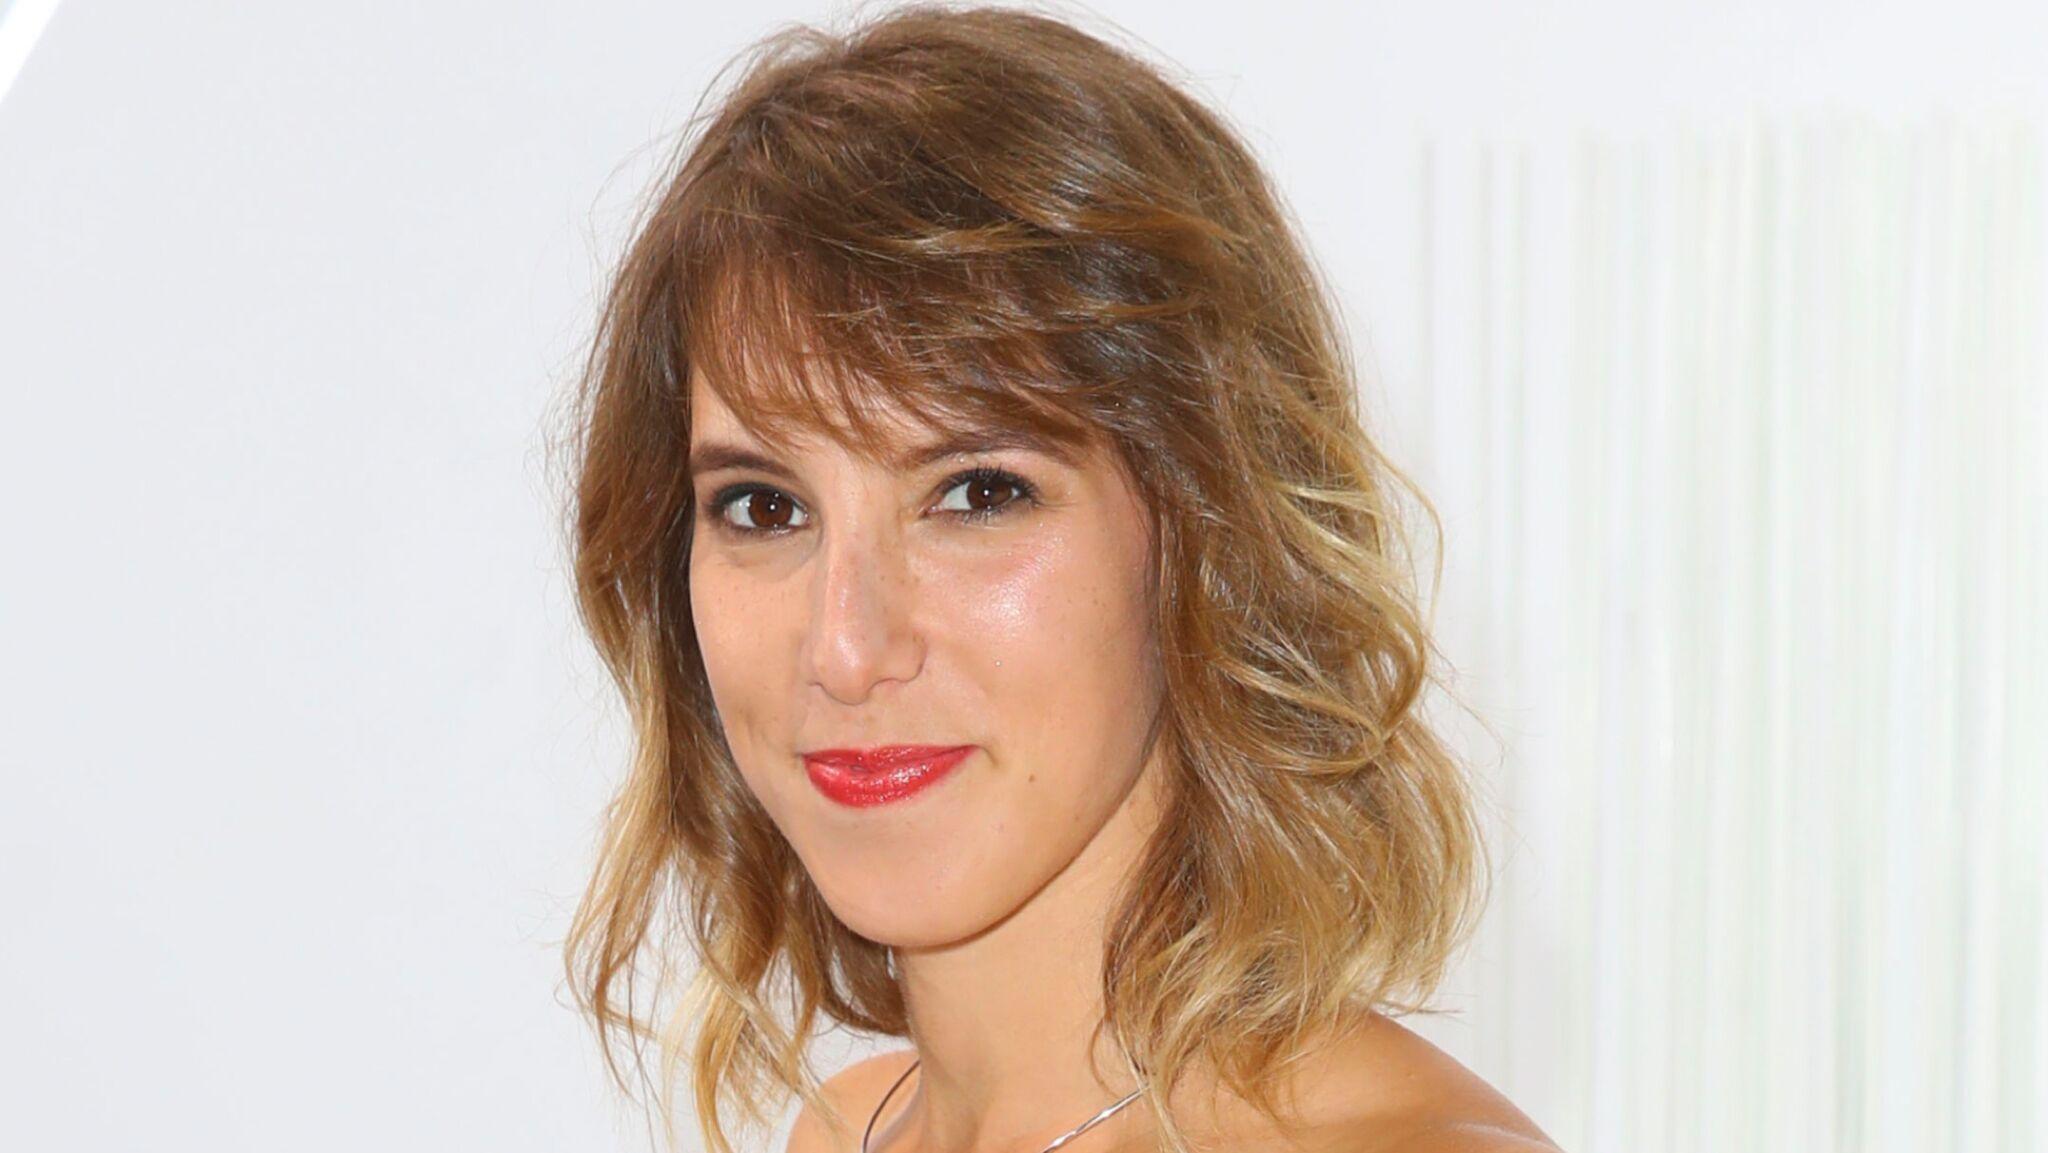 PHOTO Léa François en rousse, sa ressemblance avec une célèbre actrice française est frappante